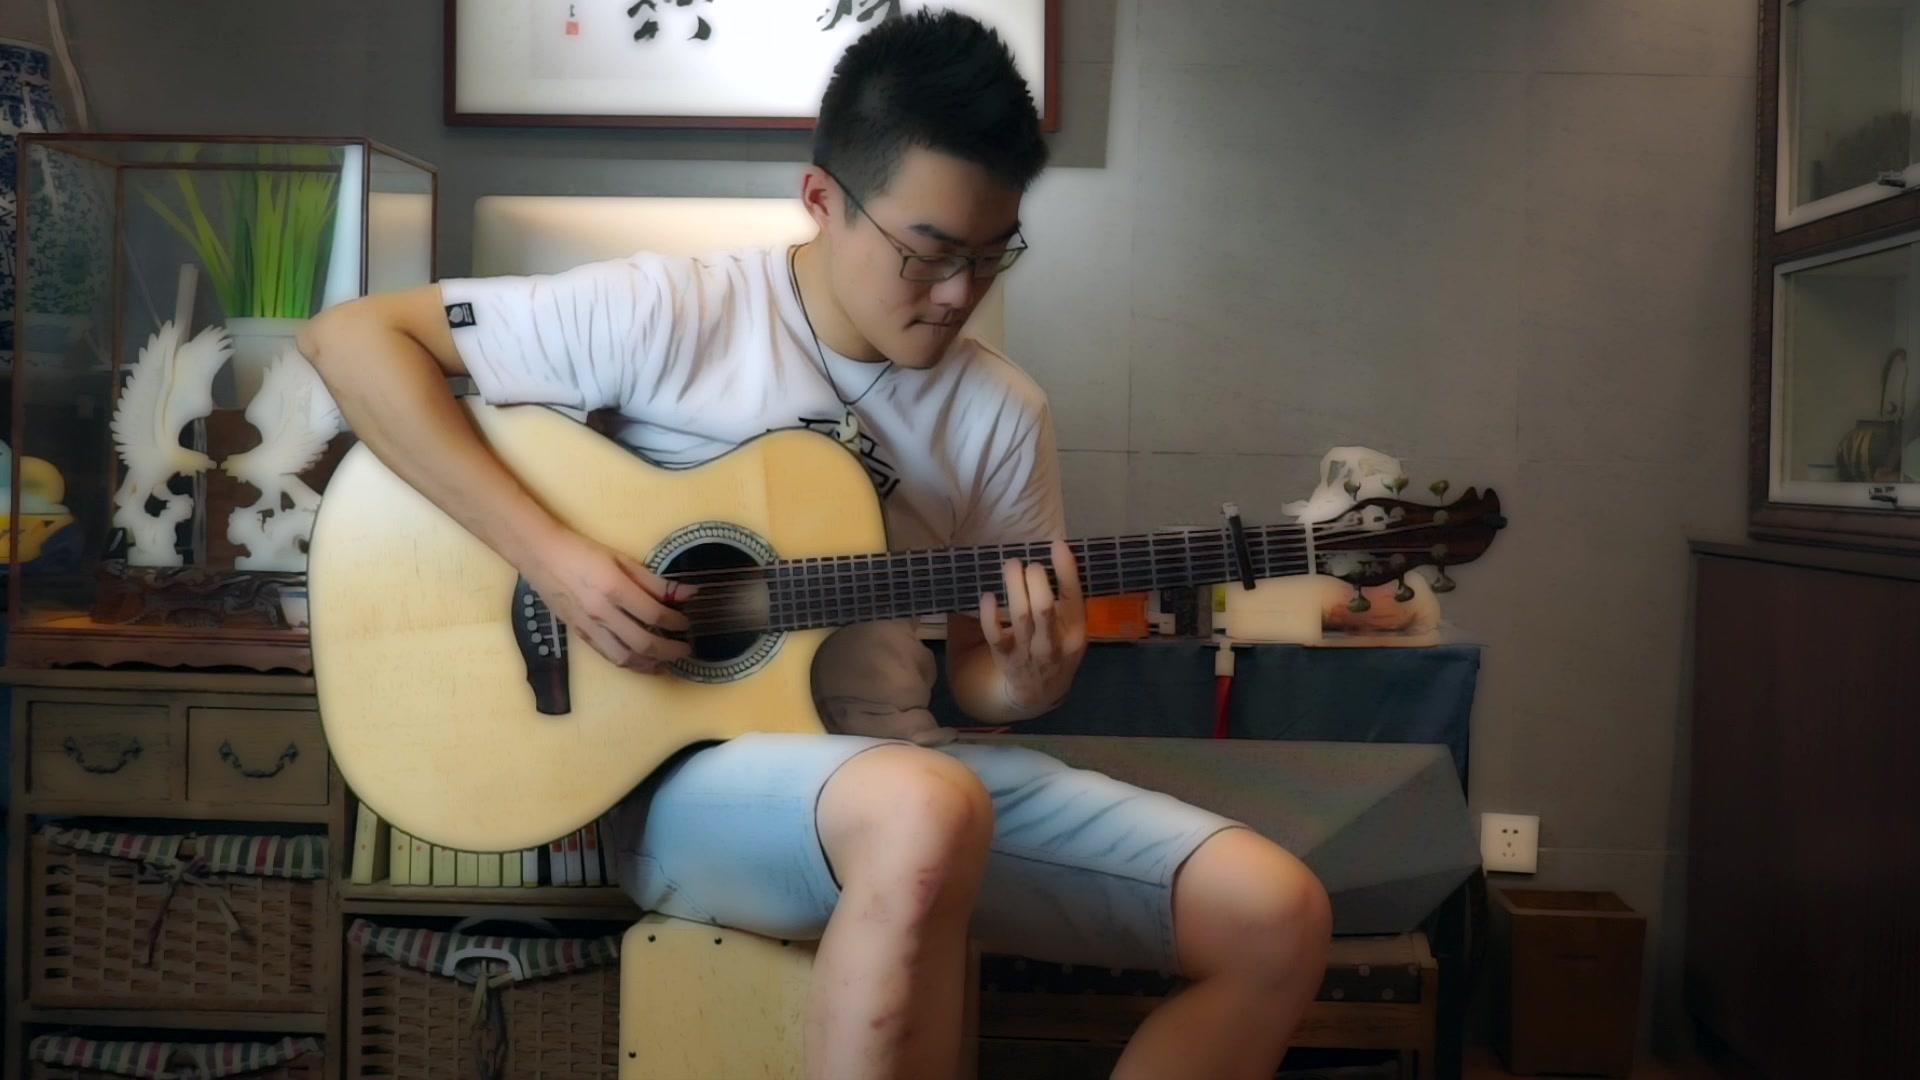 《Line3 》李岱蔚  指弹组 2019卡马杯第二届全国原声吉他大赛-复赛